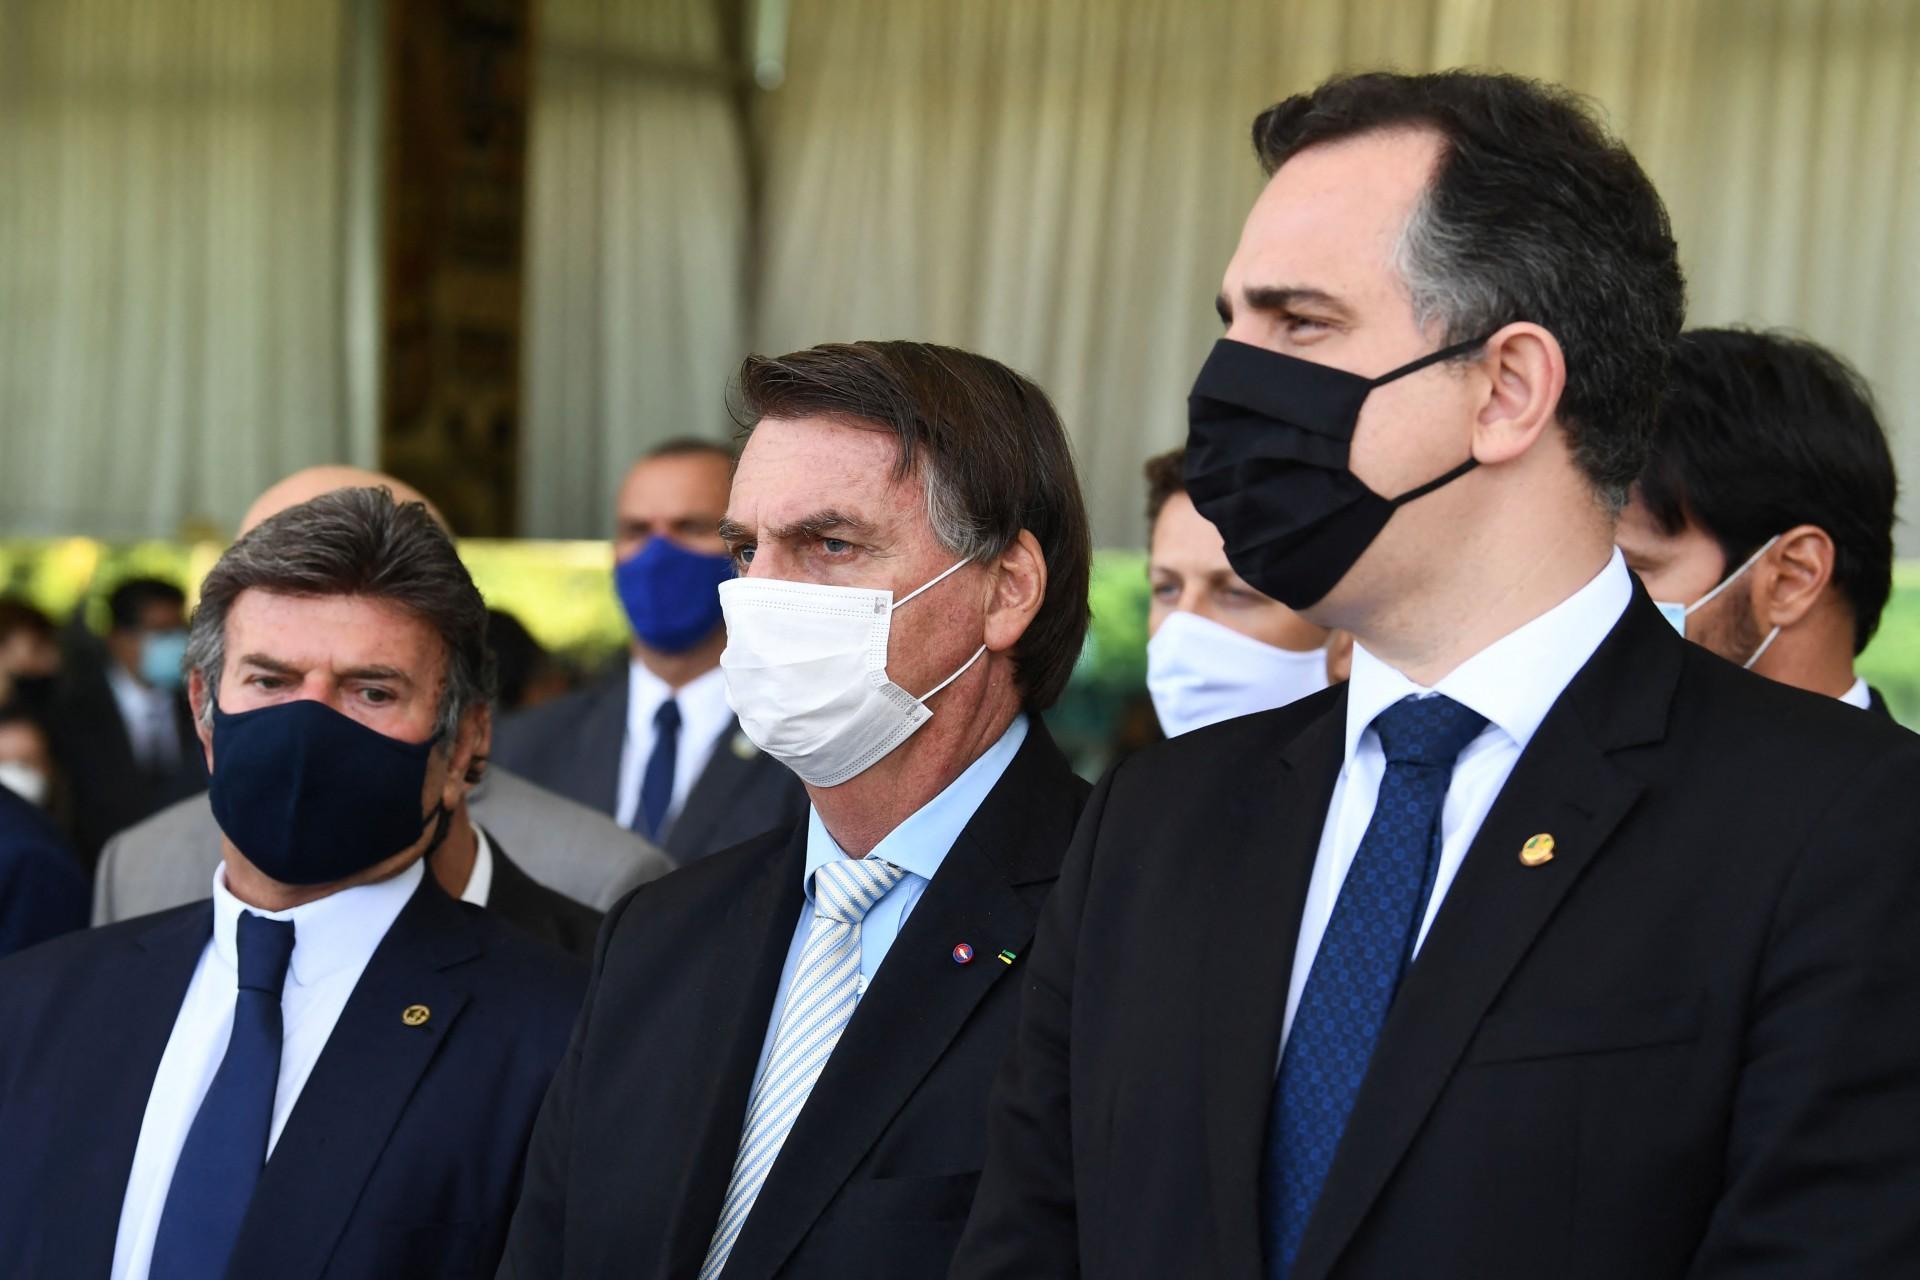 O presidente Jair Bolsonaro recebeu nomes como o presidente do STF, Luiz Fux, e o presidente do Senado Rodrigo Pacheco (Foto: EVARISTO SA / AFP)